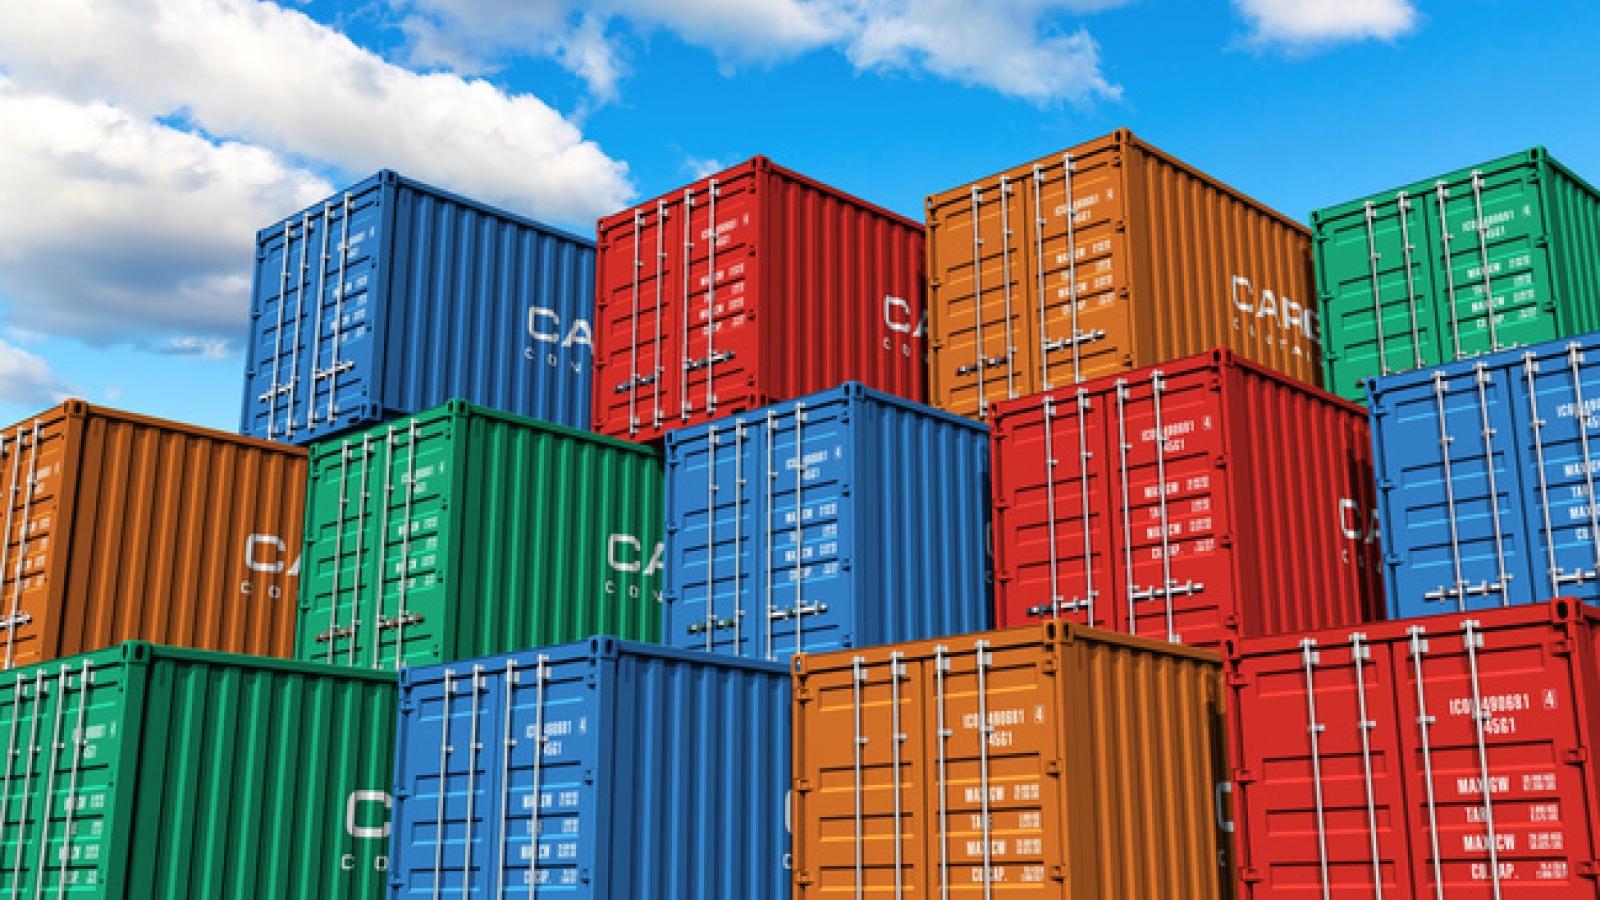 Cước container tăng cao gây khó cho doanh nghiệp sau Covid-19